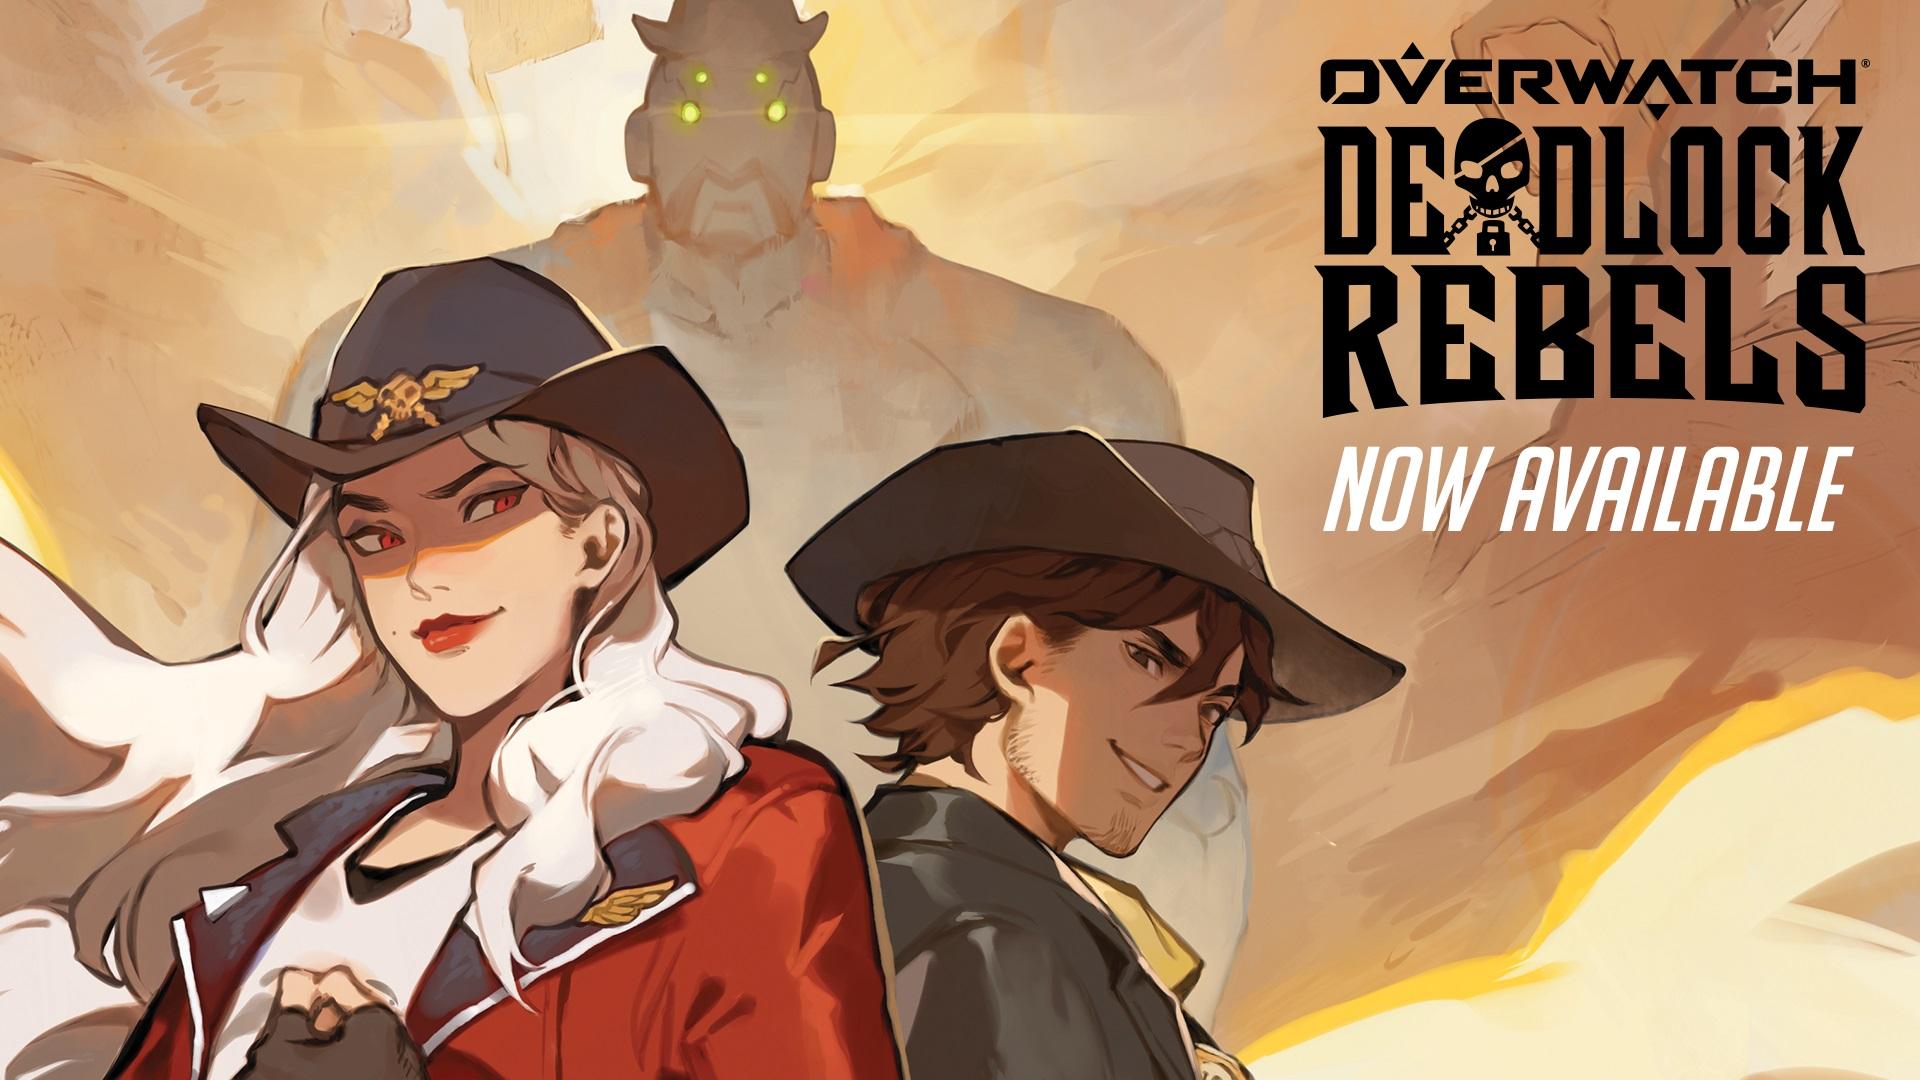 Overwatch Deadlock Rebels. Now Available.